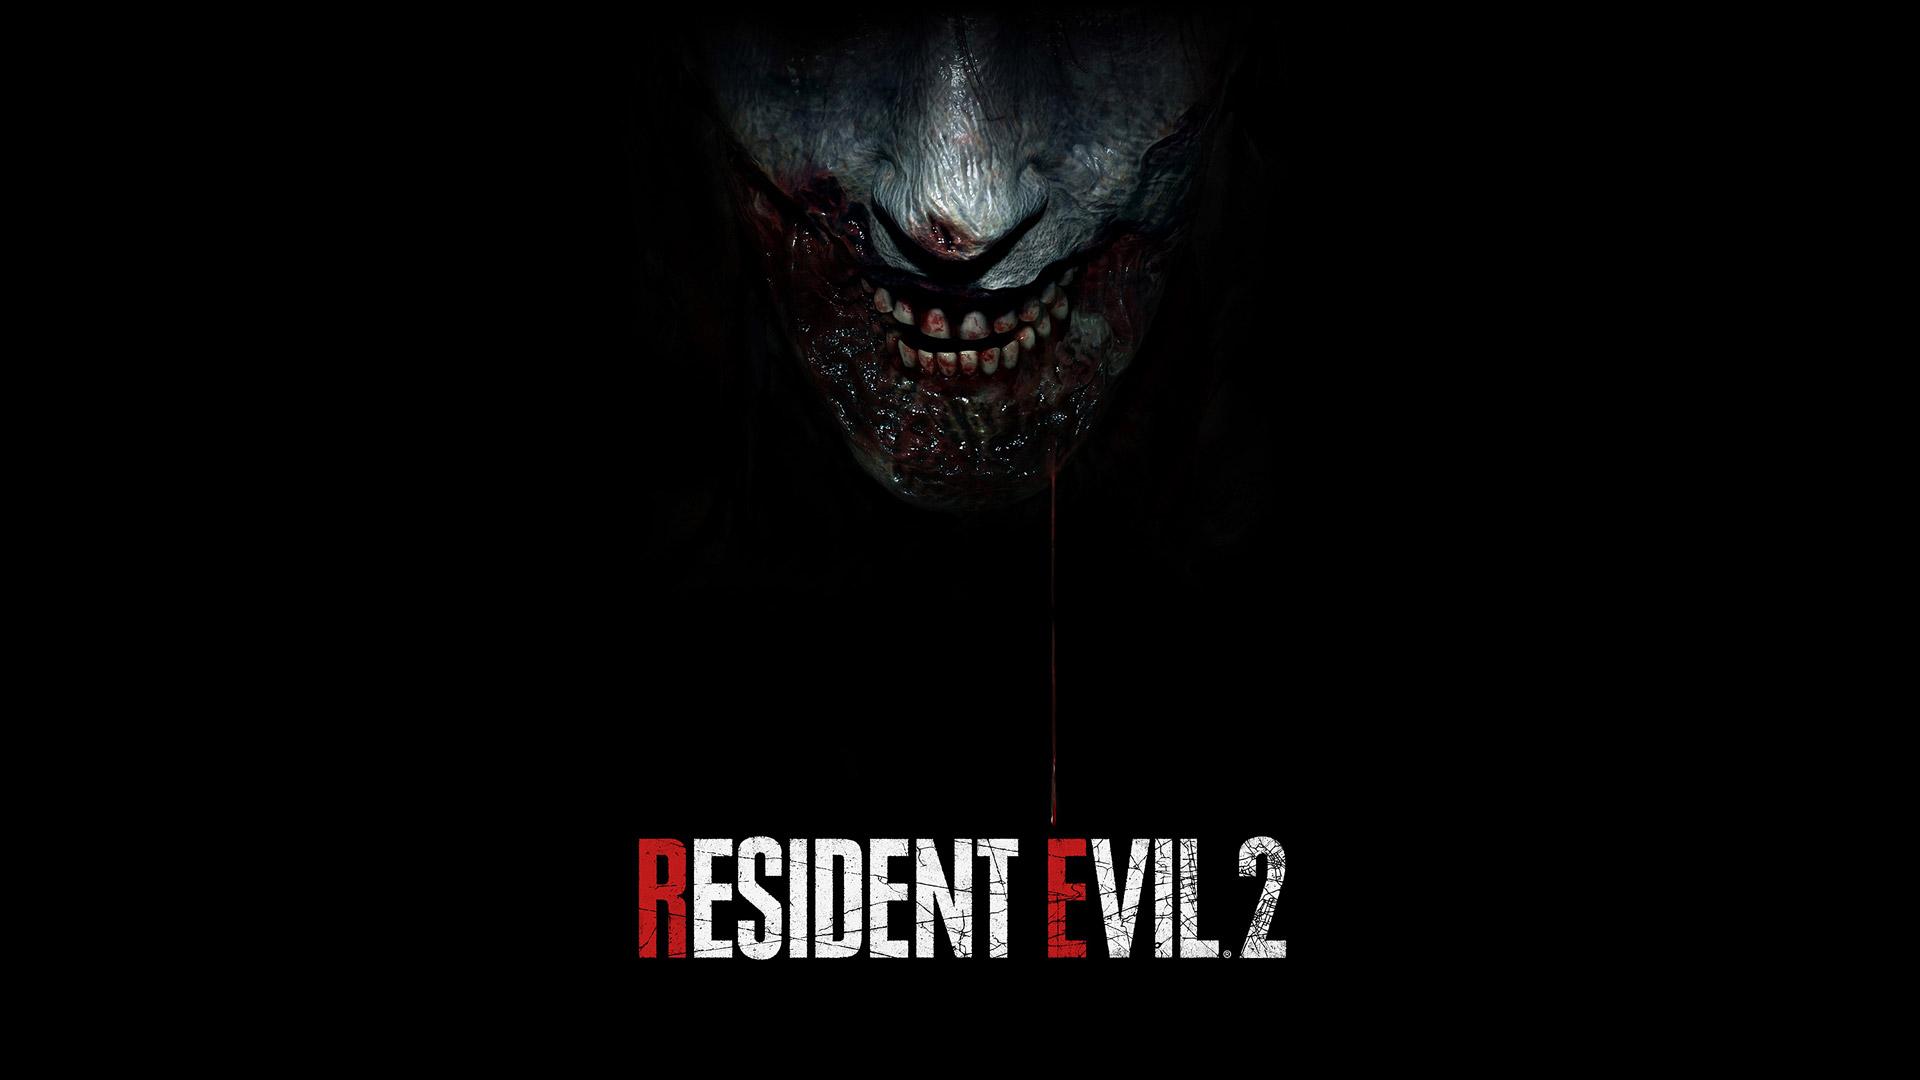 Resident Evil 2 Wallpaper in 1920x1080